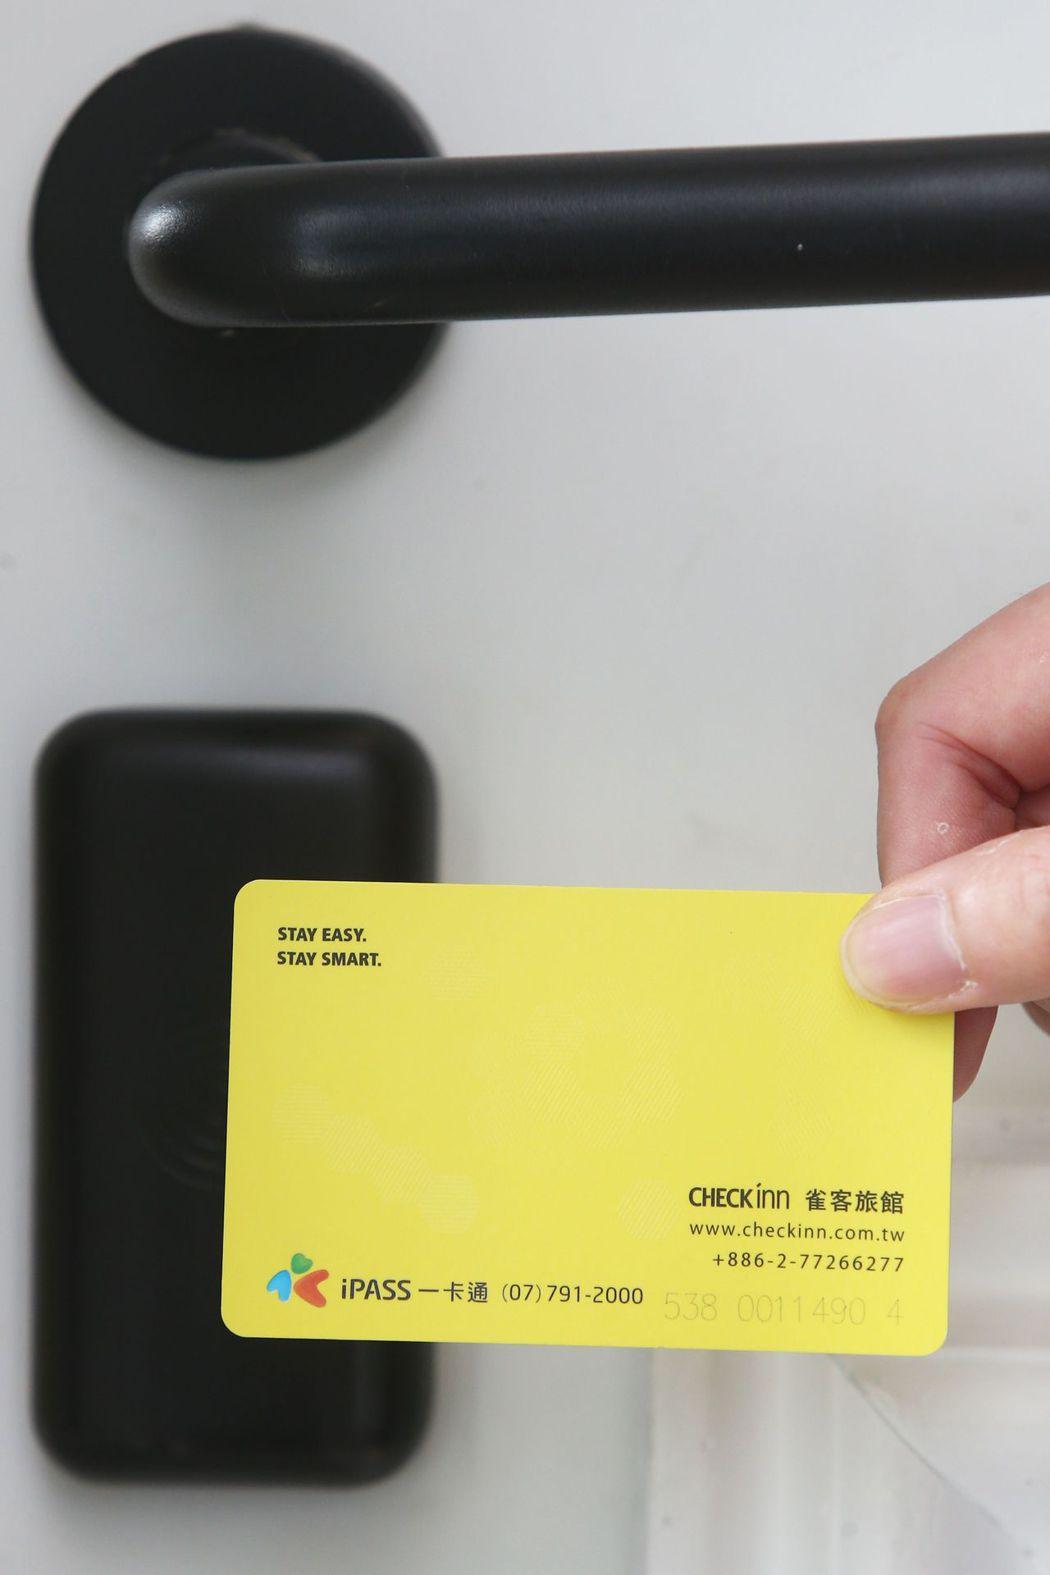 雀客推出房卡結合一卡通,鼓勵房客搭乘大眾運輸。 記者蘇健忠/攝影